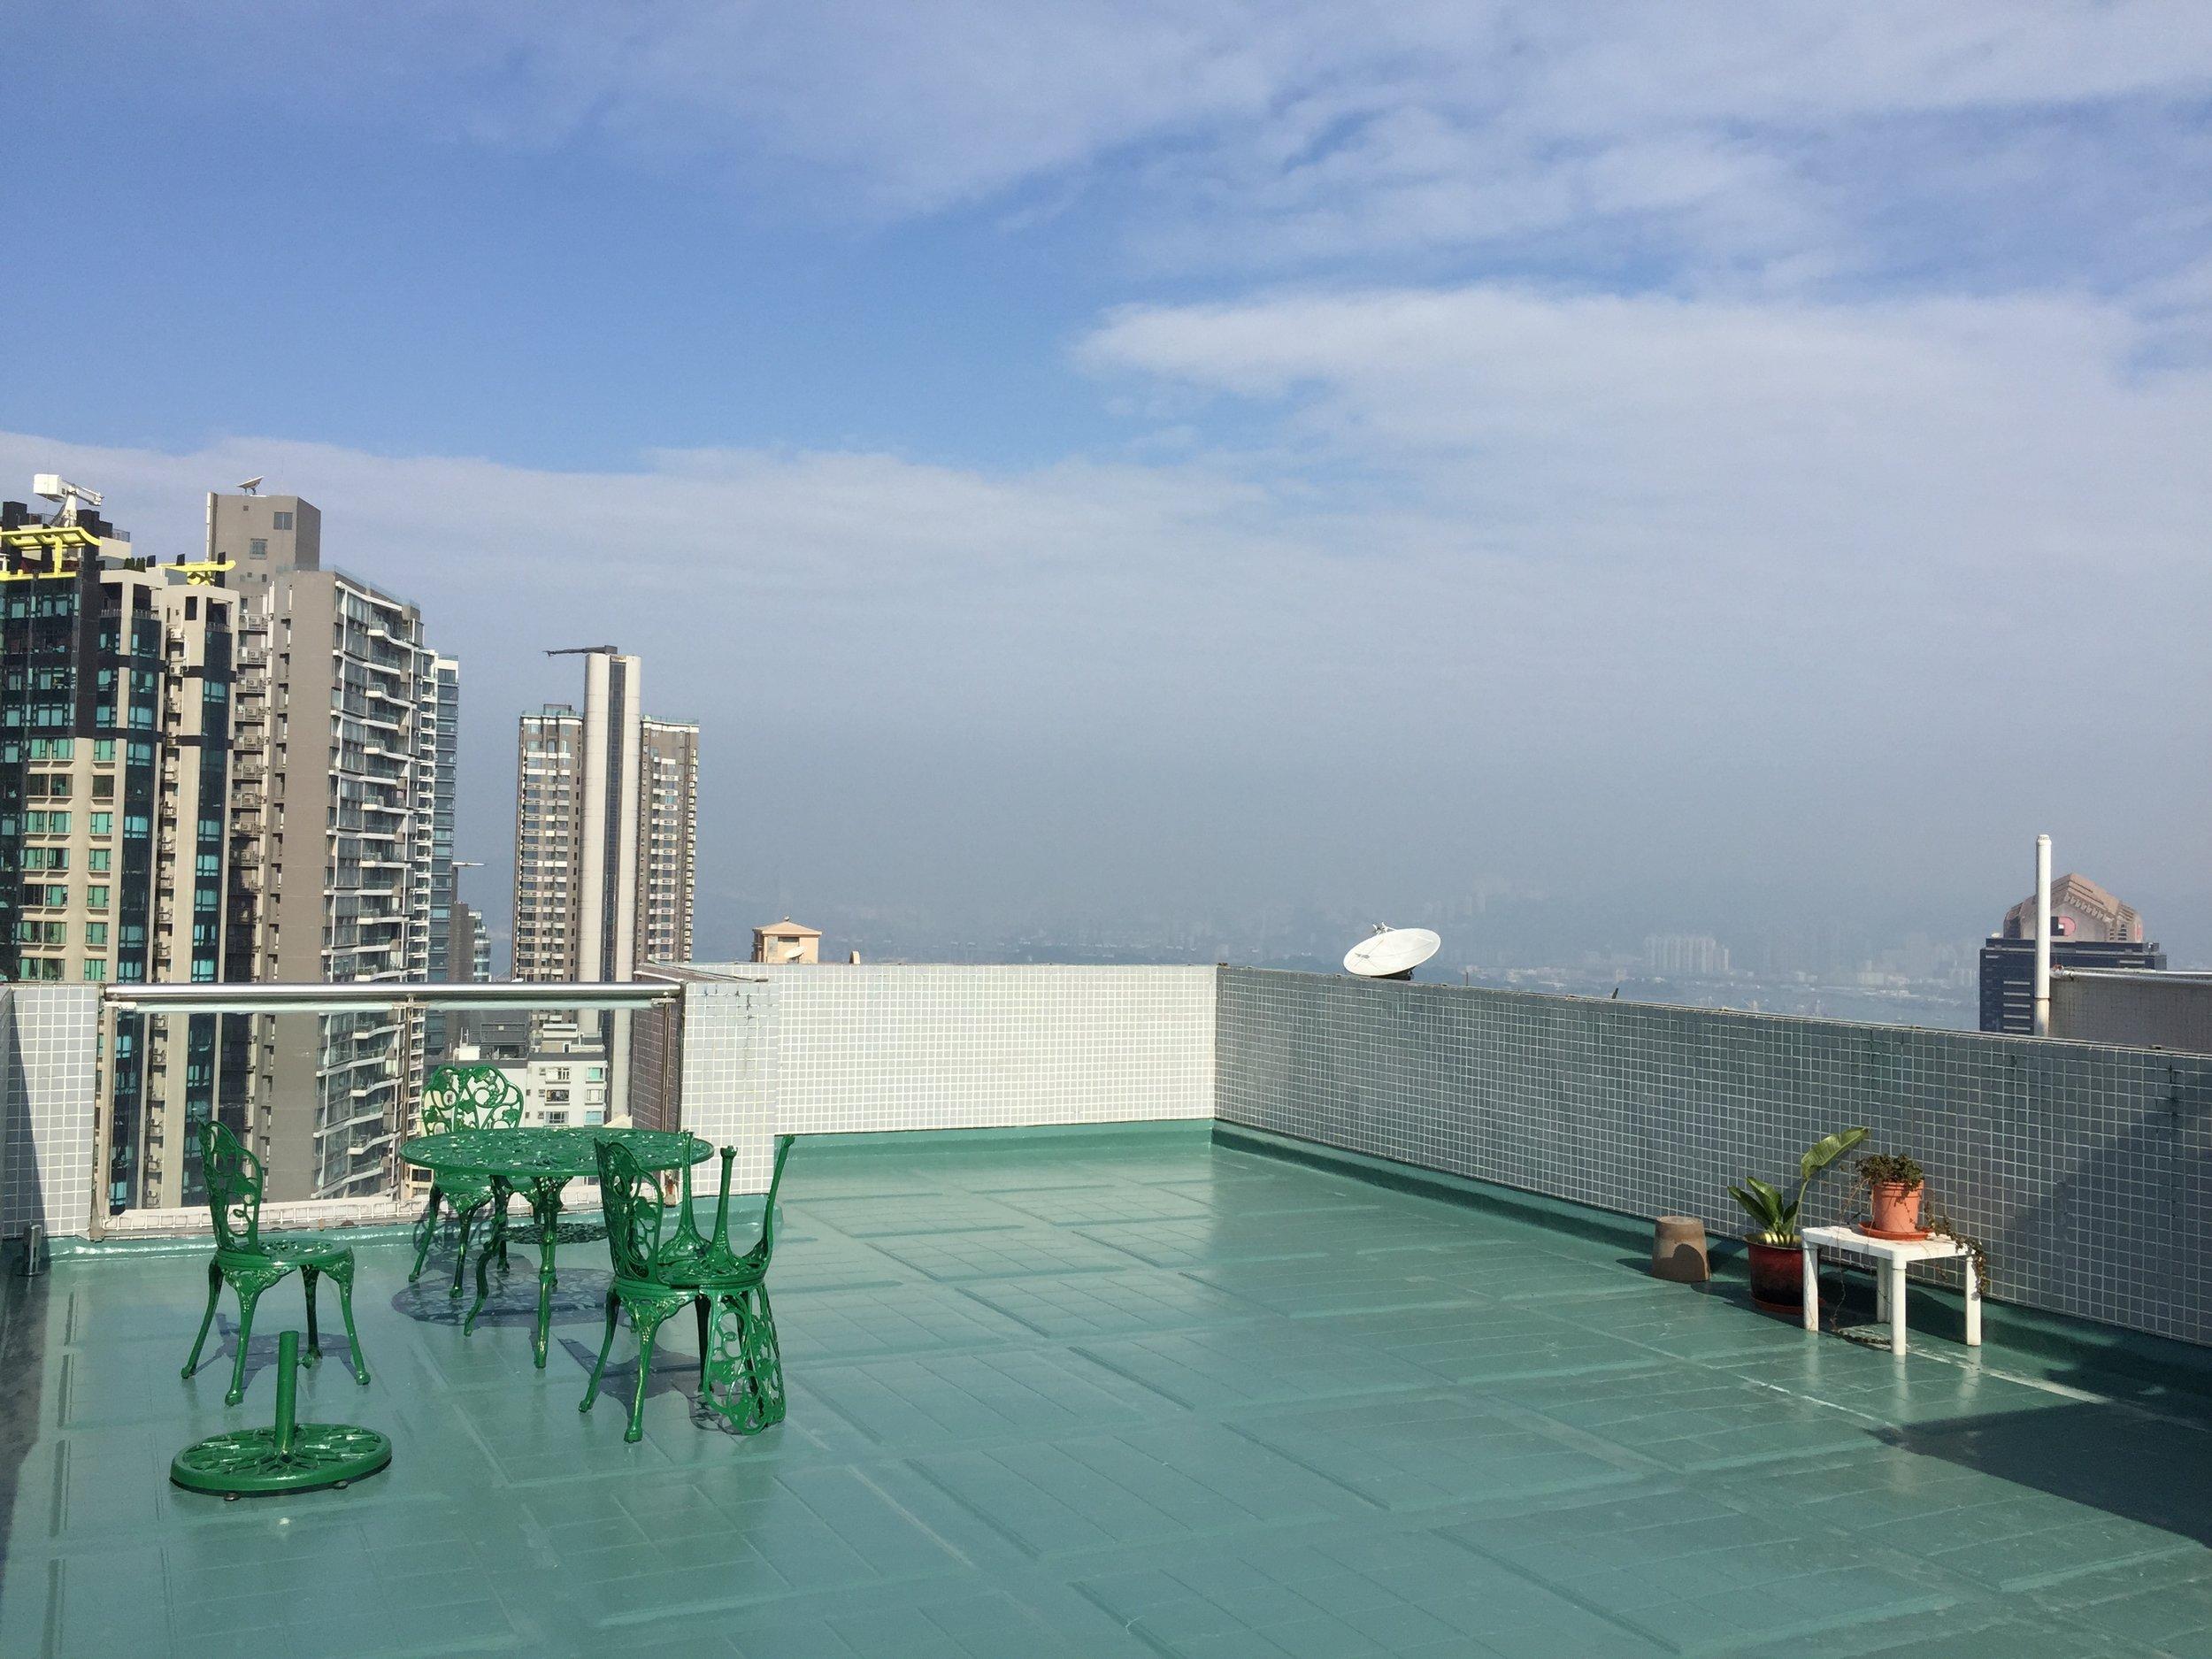 嘉兆臺 The Grand Panorama